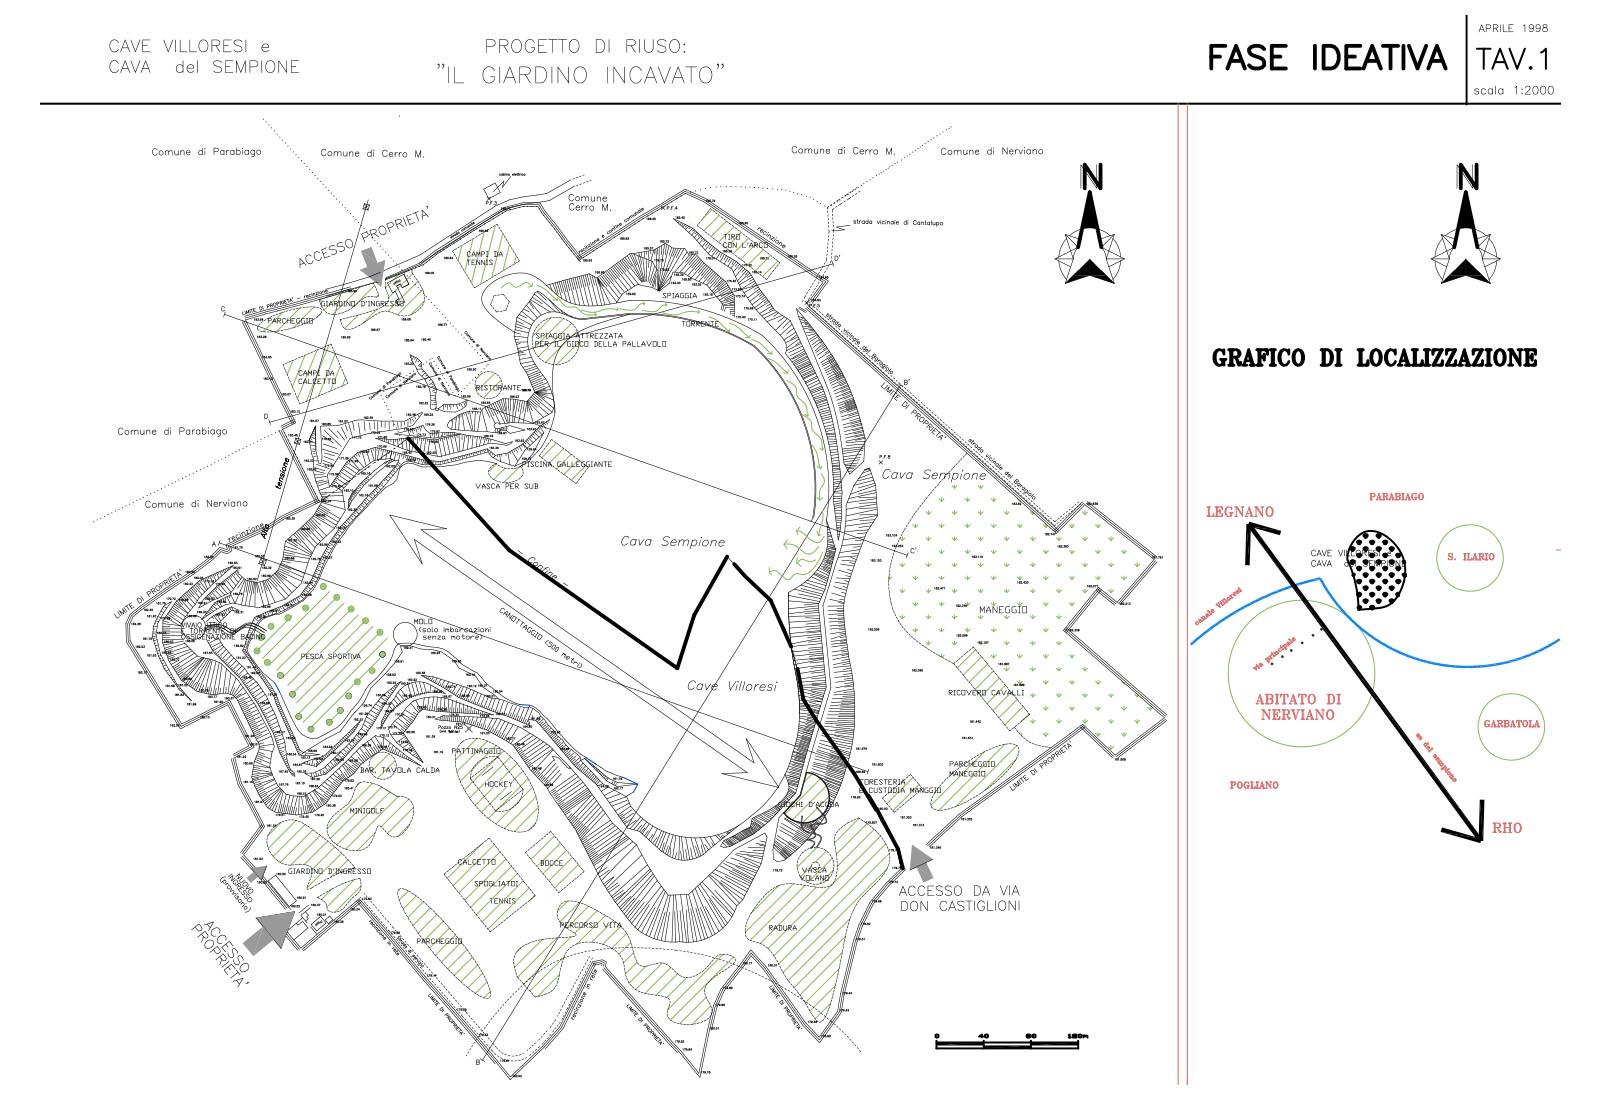 Riuso cave Villoresi e Sempione - Progetto di riuso: Tav.1 Fase ideativa